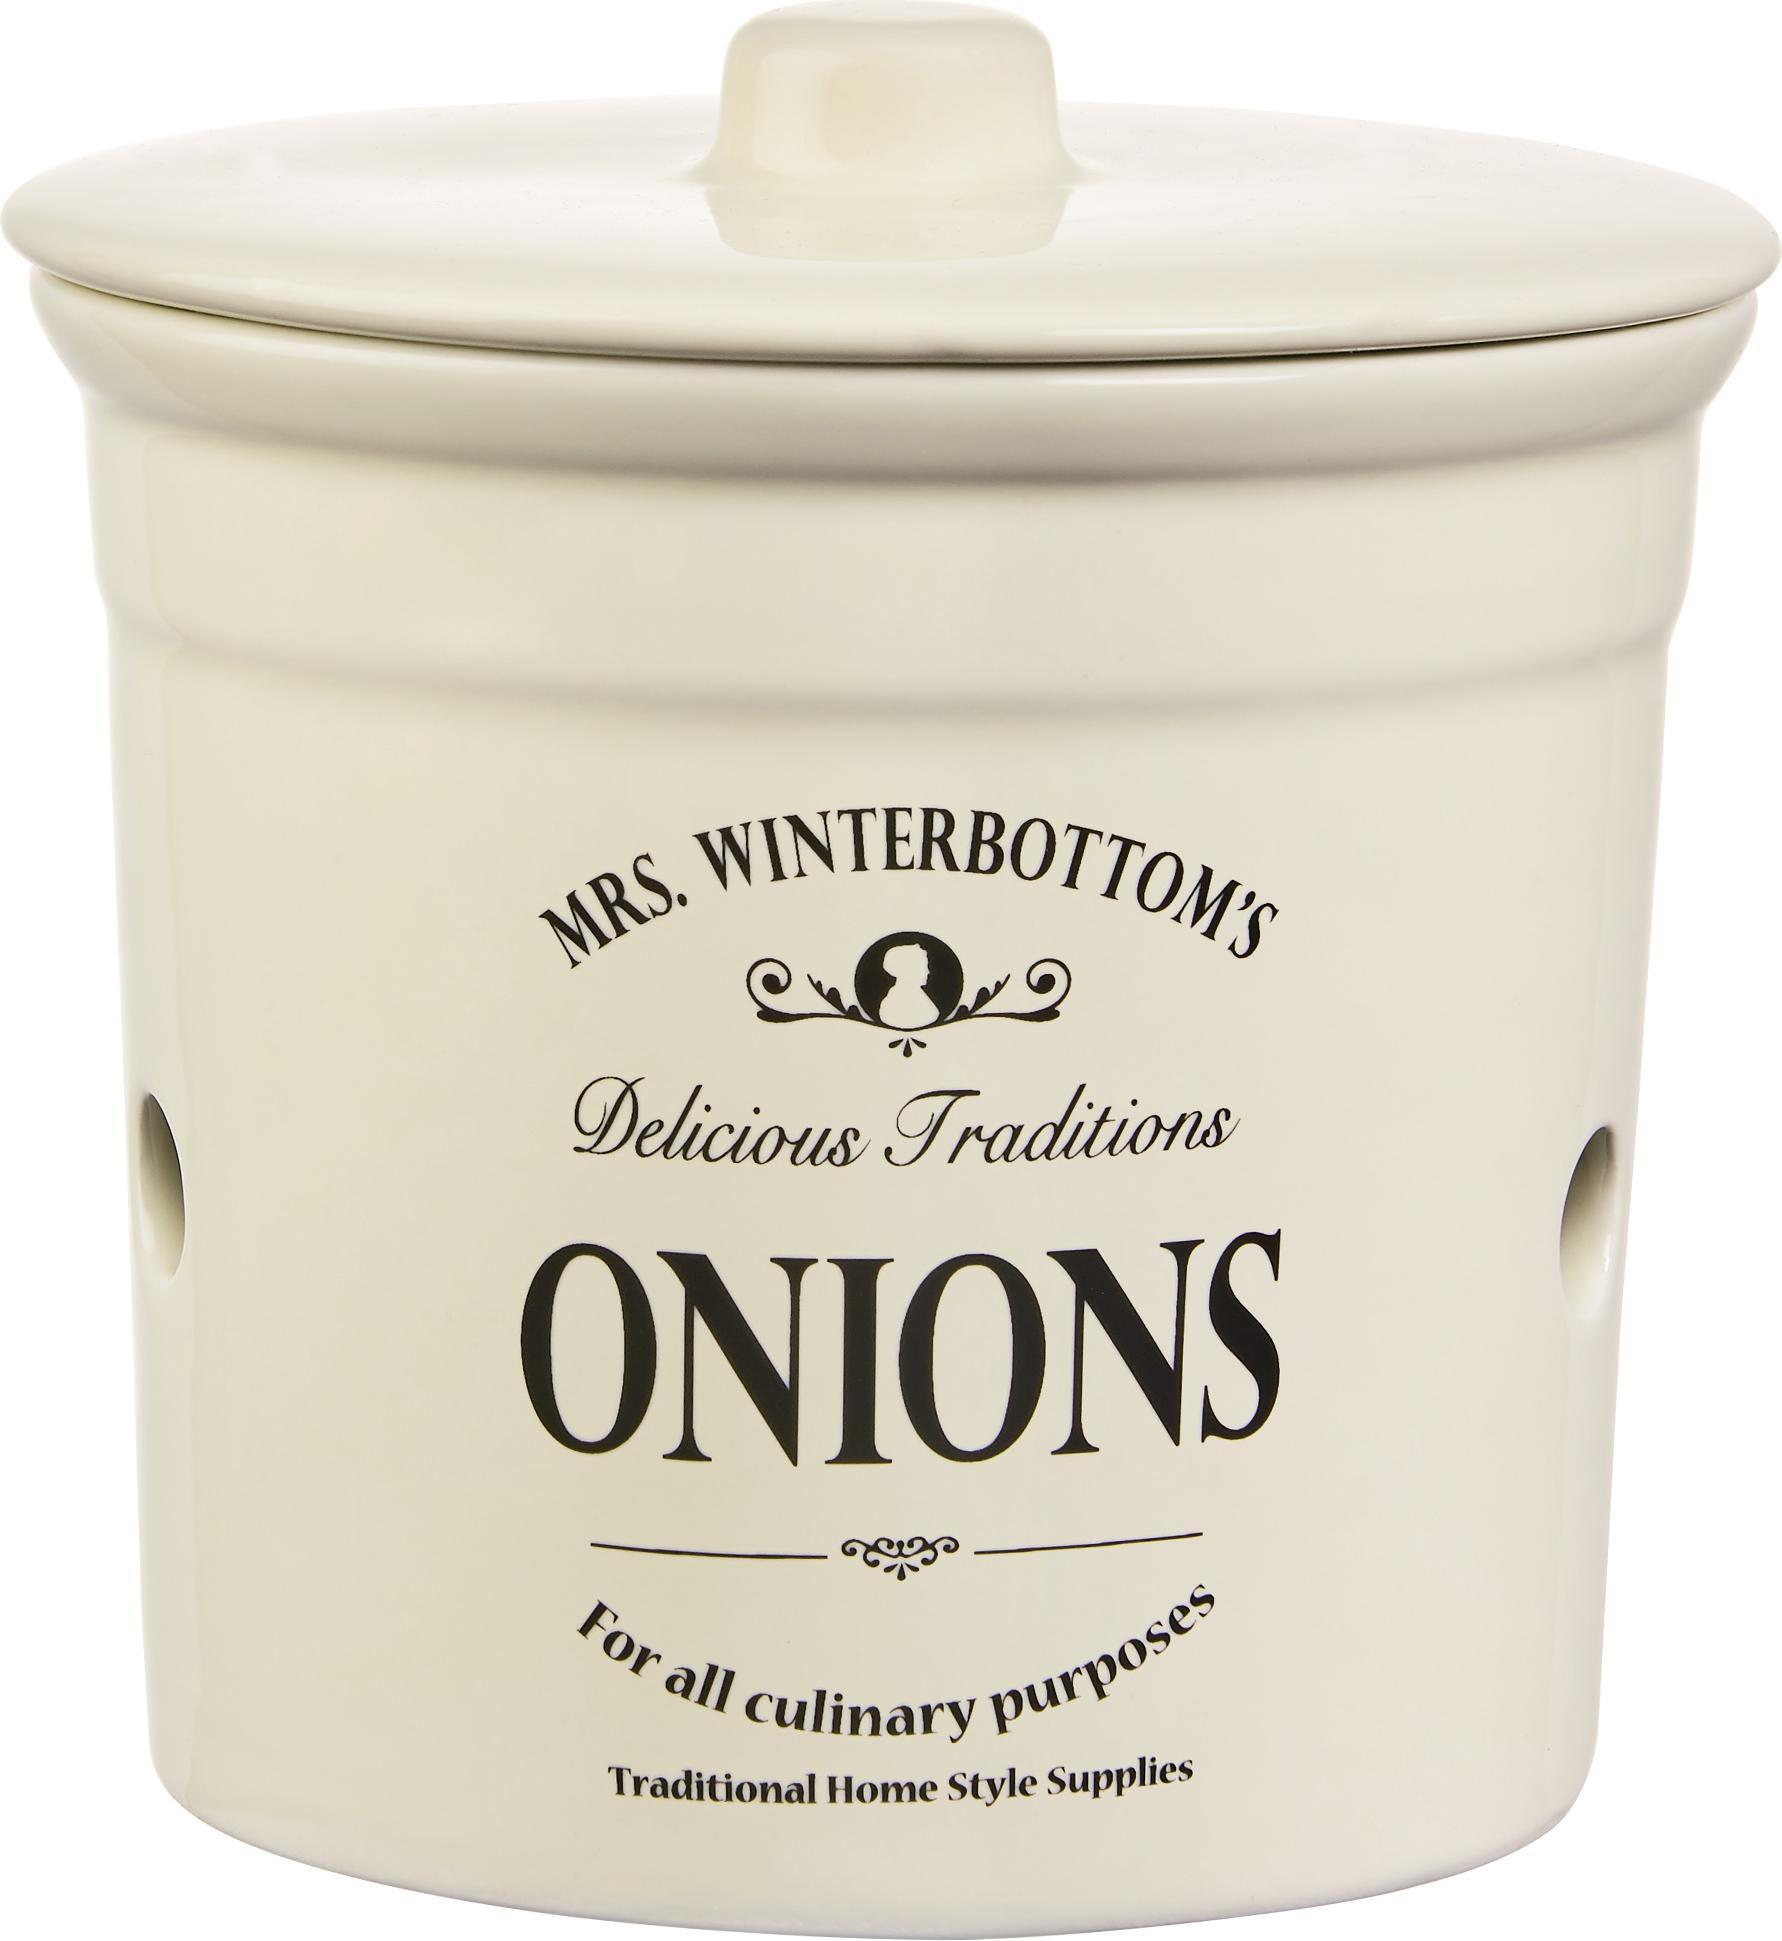 Aufbewahrungsdose Mrs Winterbottoms Onions, Steingut, Creme, Schwarz, 17 x 18 cm